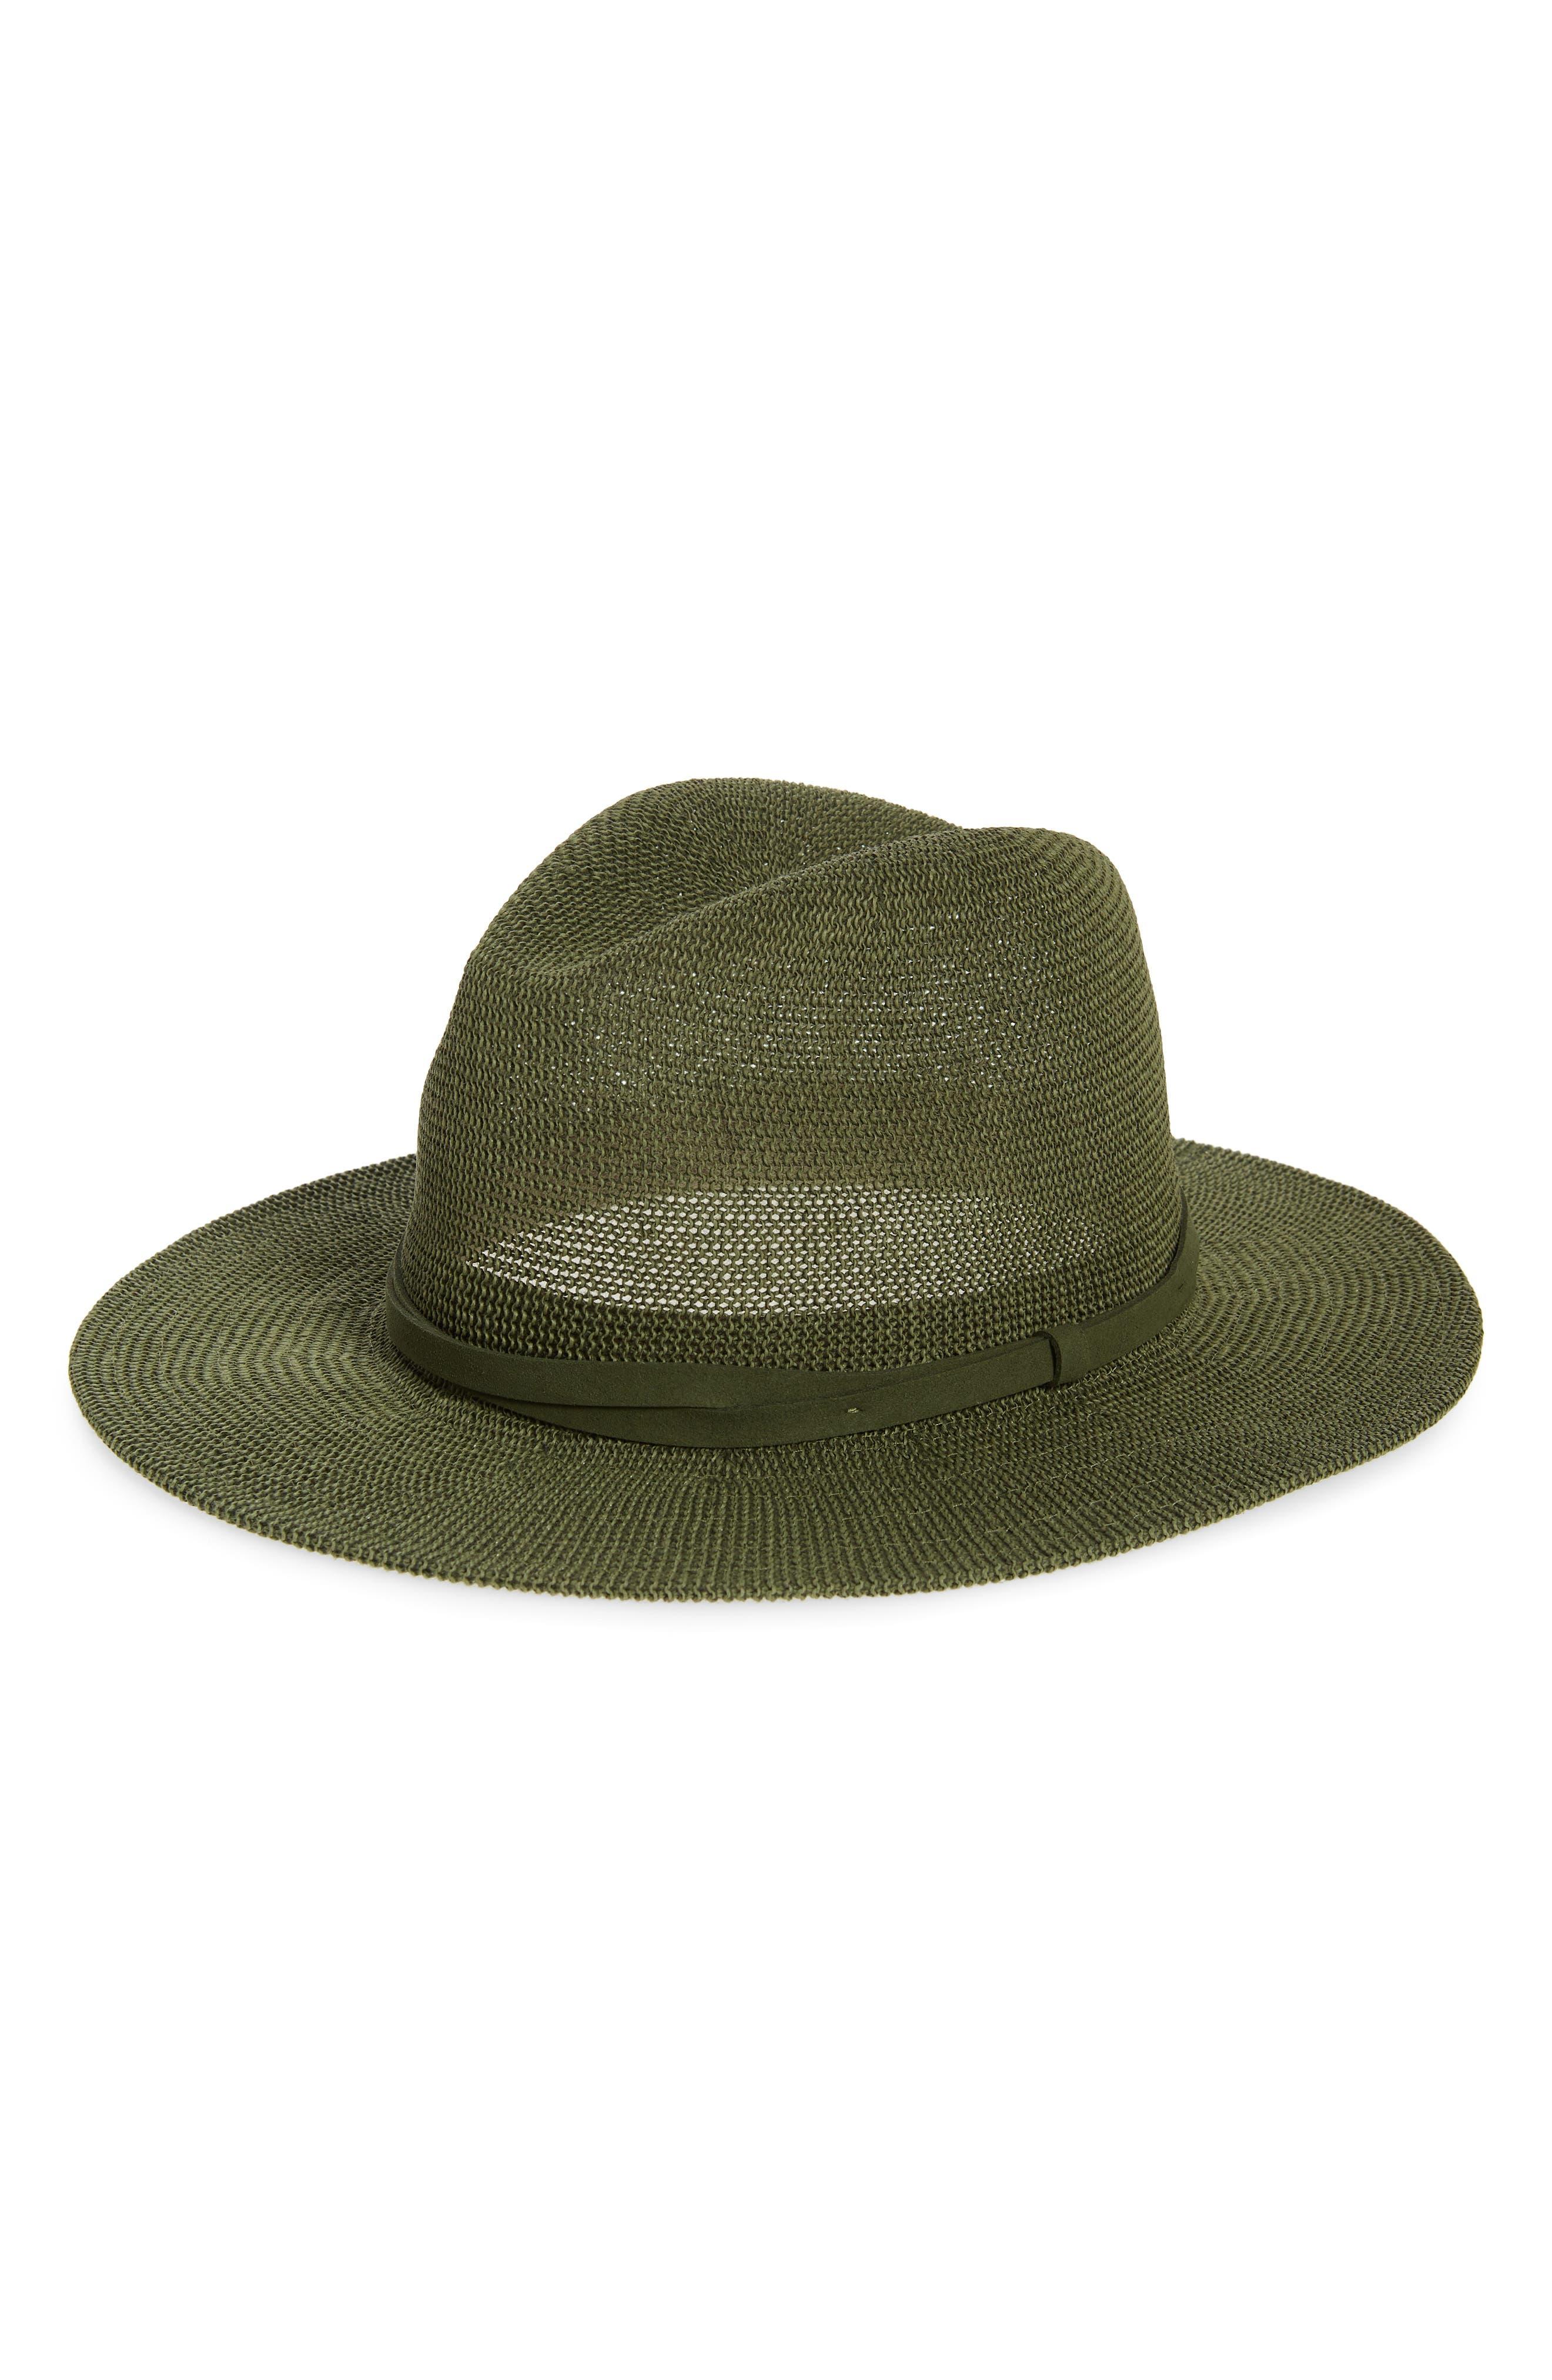 . Fatima Wide Brim Floppy Hat Hat